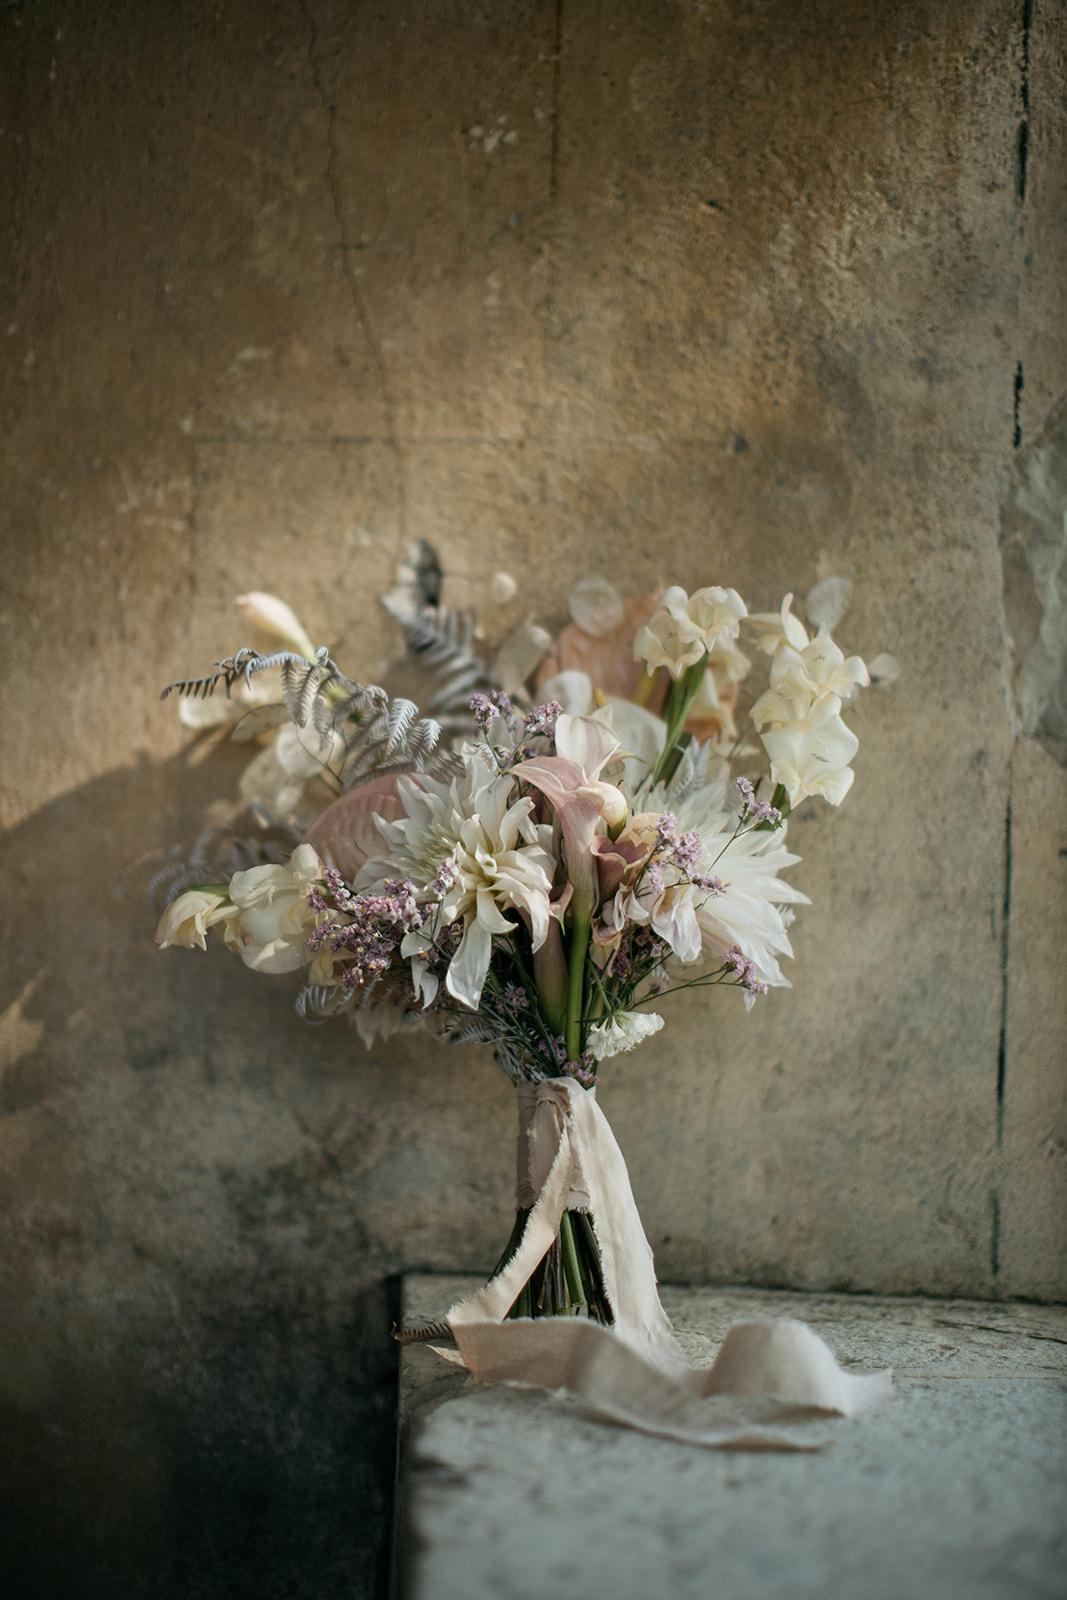 427-Lifestories-Wedding-Marylou-Chris-20